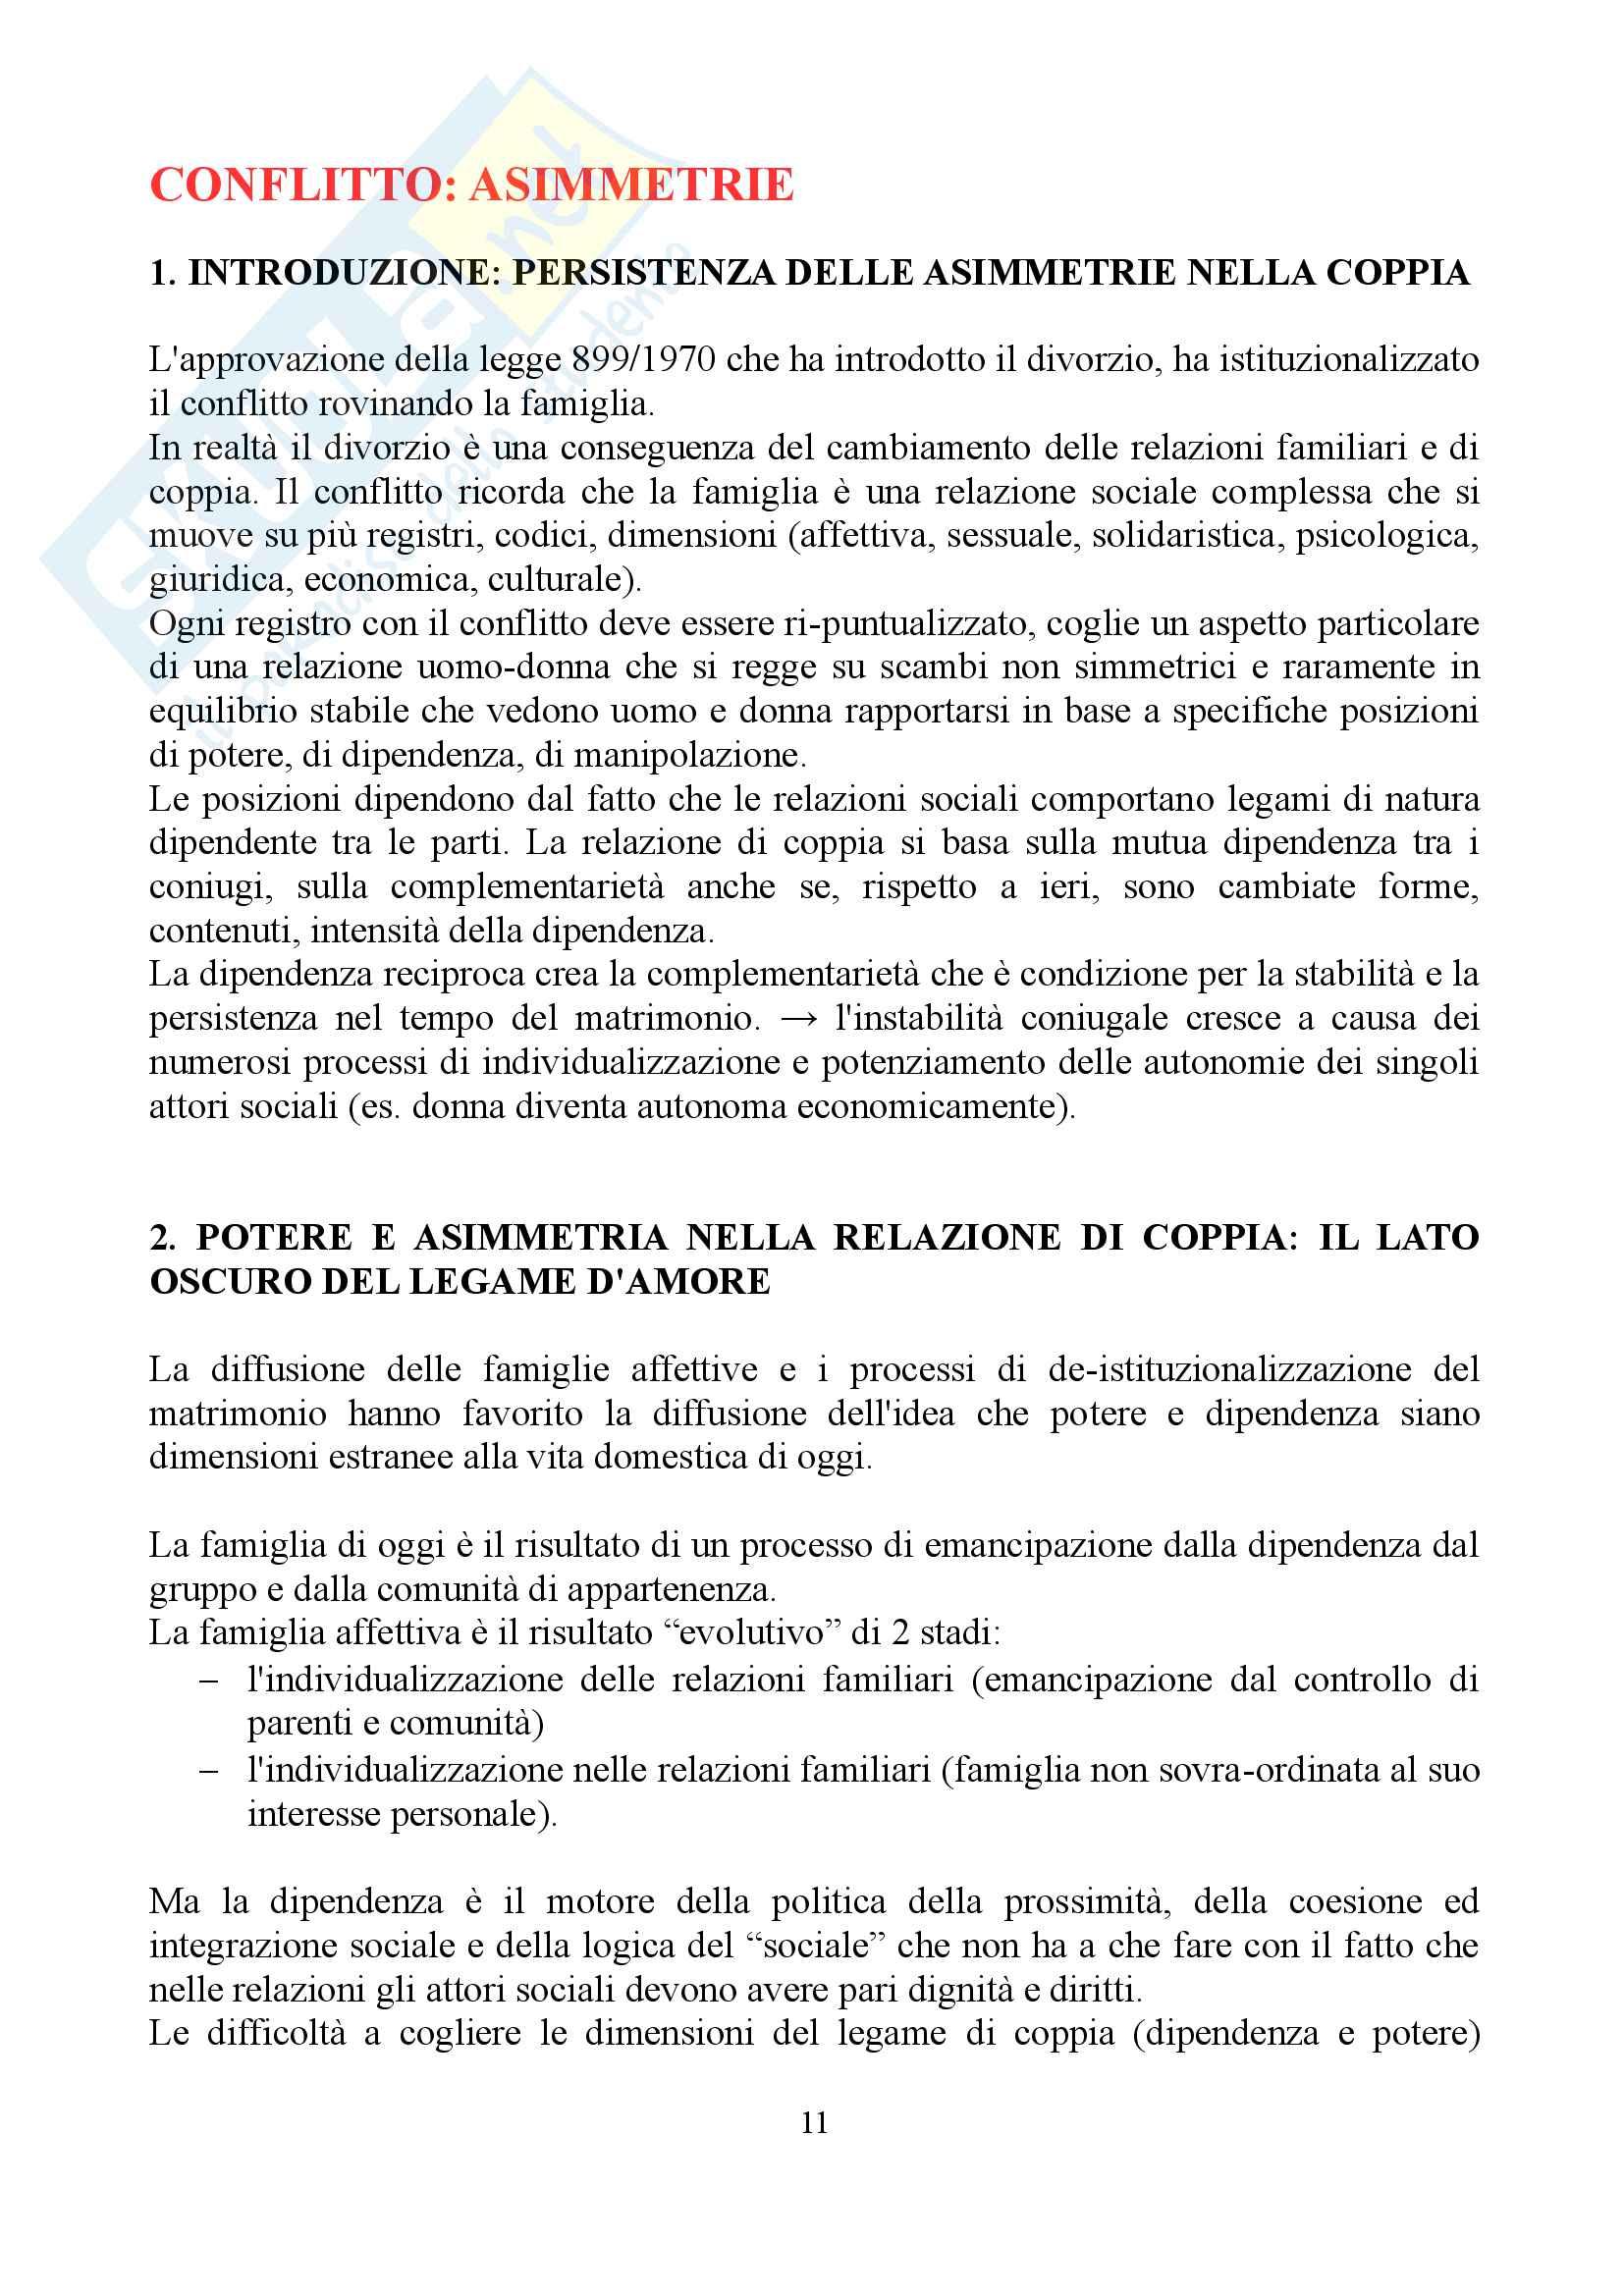 """Sunto di sociologia della famiglia, docente Diego Mesa, libro consigliato """"famiglia sostantivo plurale"""", Paola Di Nicola) Pag. 11"""